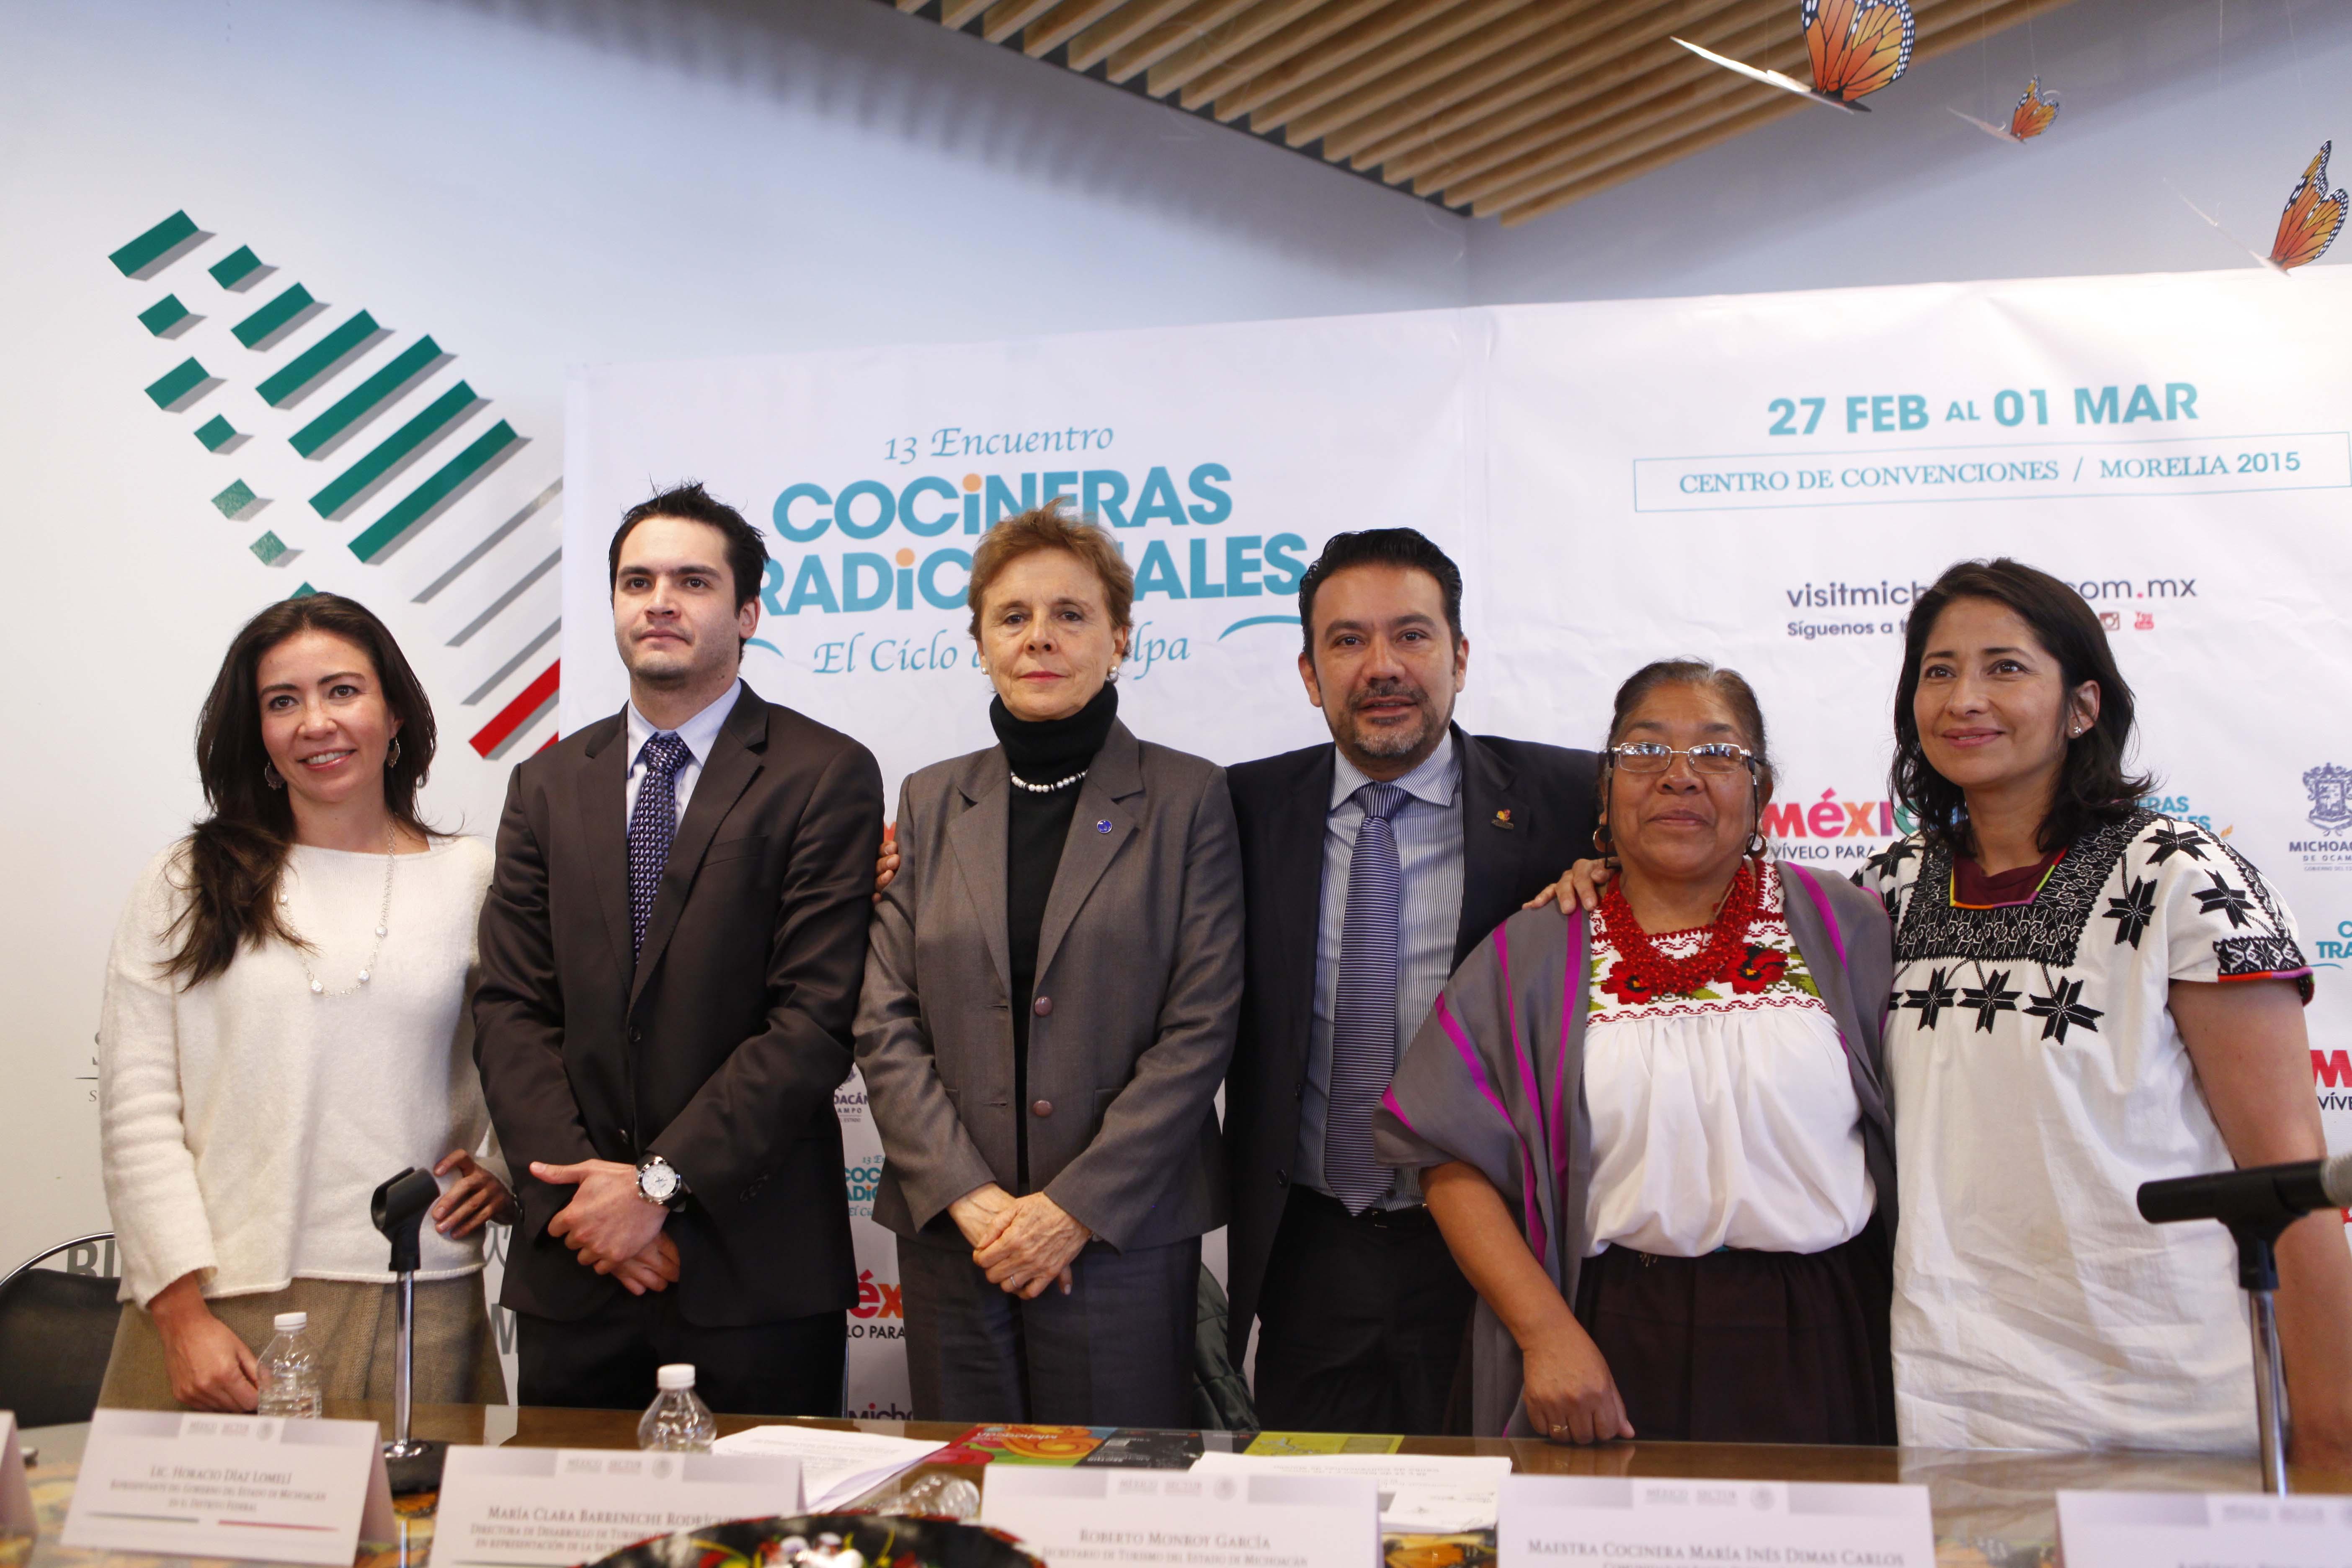 """Este mes tendrá lugar el """"13 Encuentro de Cocineras Tradicionales que estará dedicado al Ciclo de la Milpa""""."""